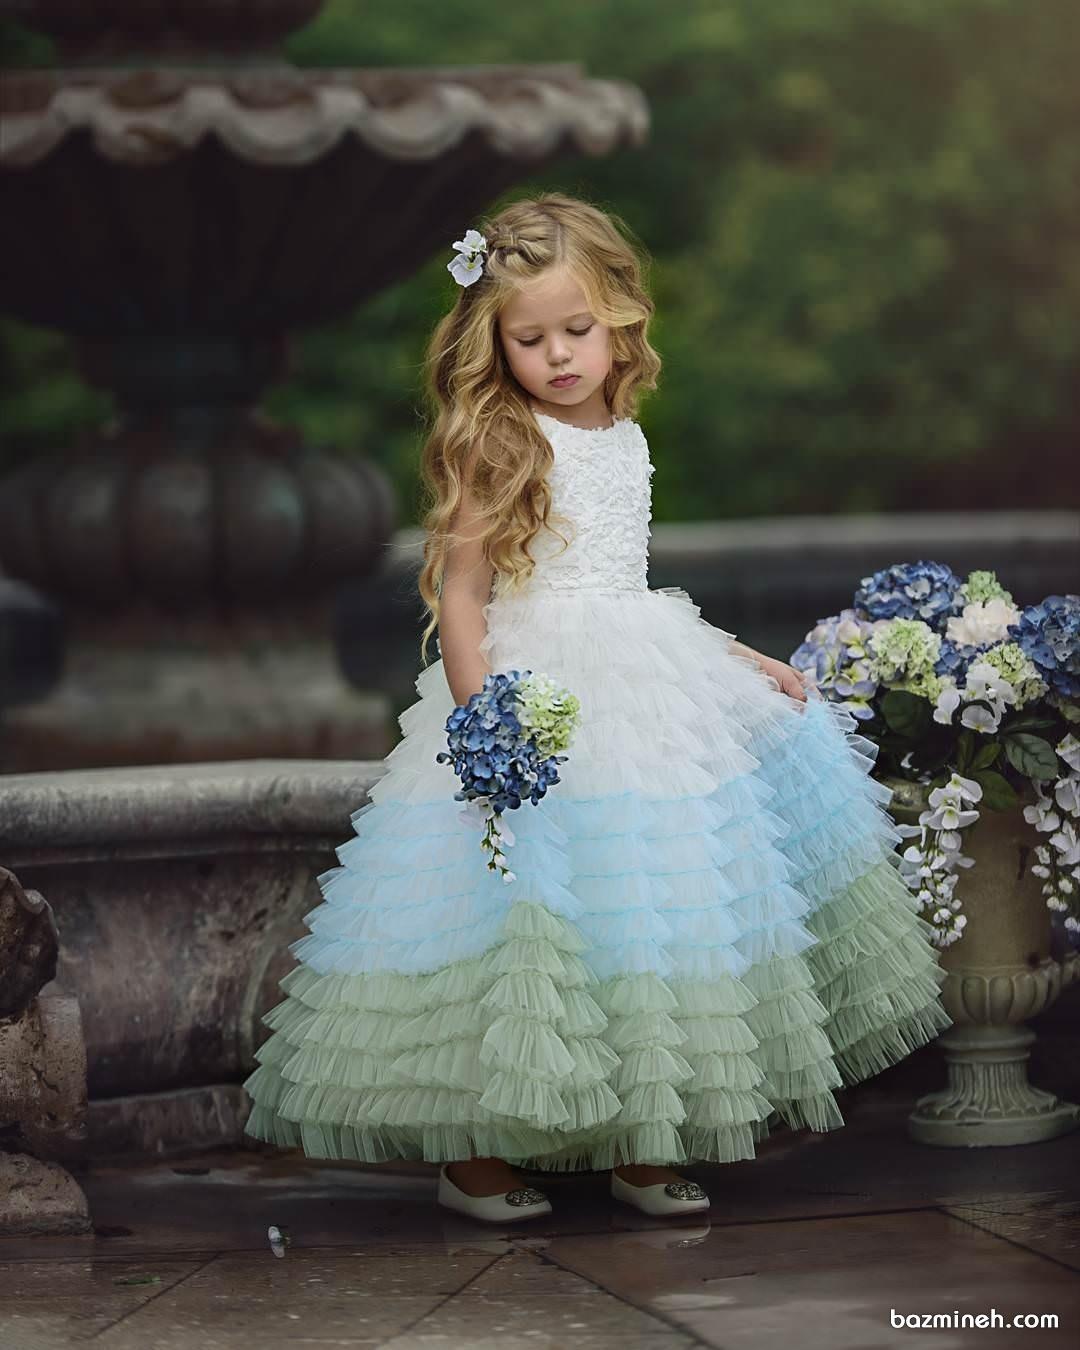 لباس مجلسی بلند سفید آبی دخترانه مناسب برای کودکان ساقدوش عروس (Flower Girl)